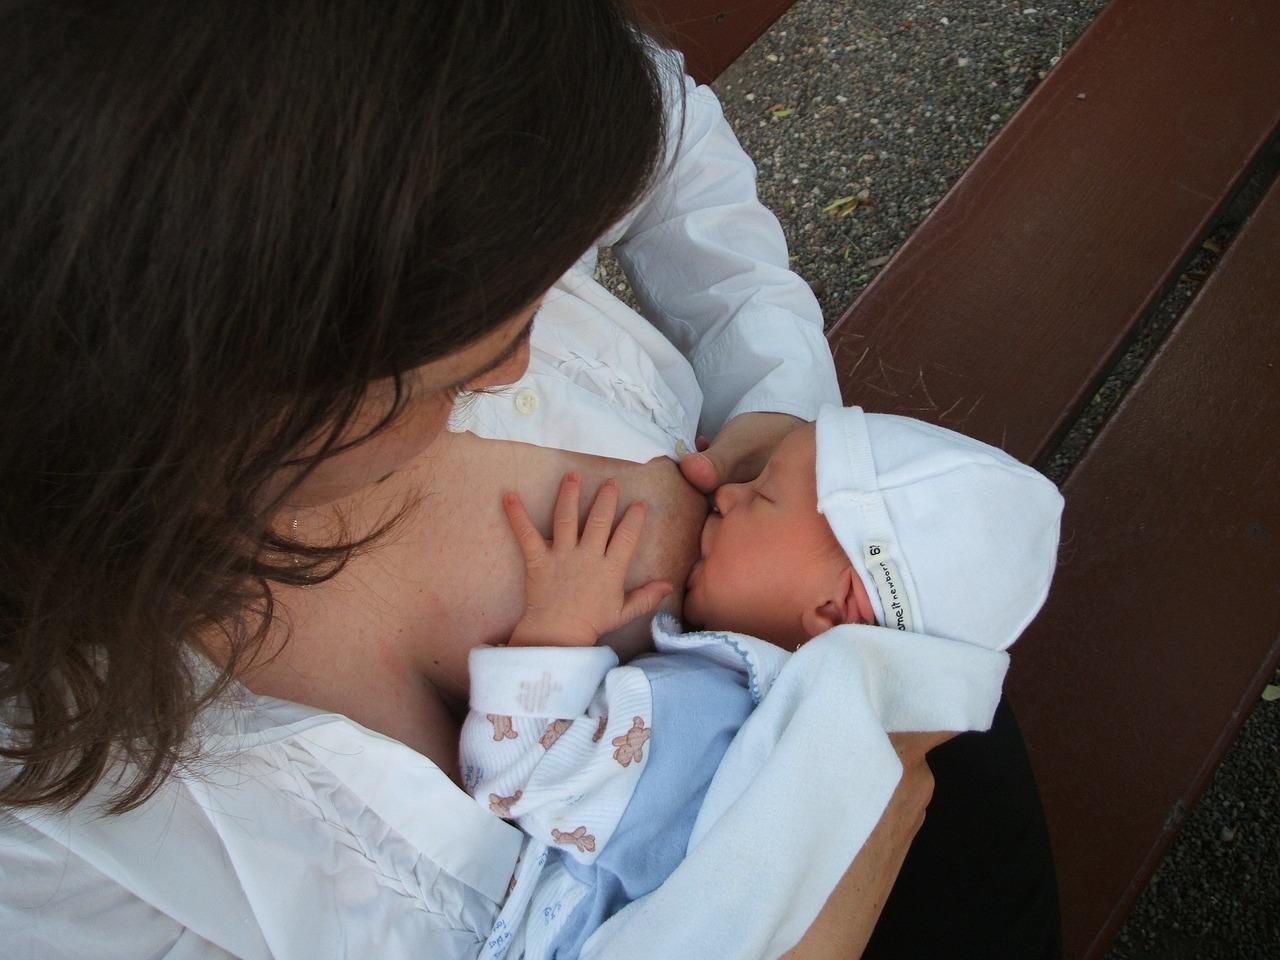 Frau beim Stillen - Babynahrung